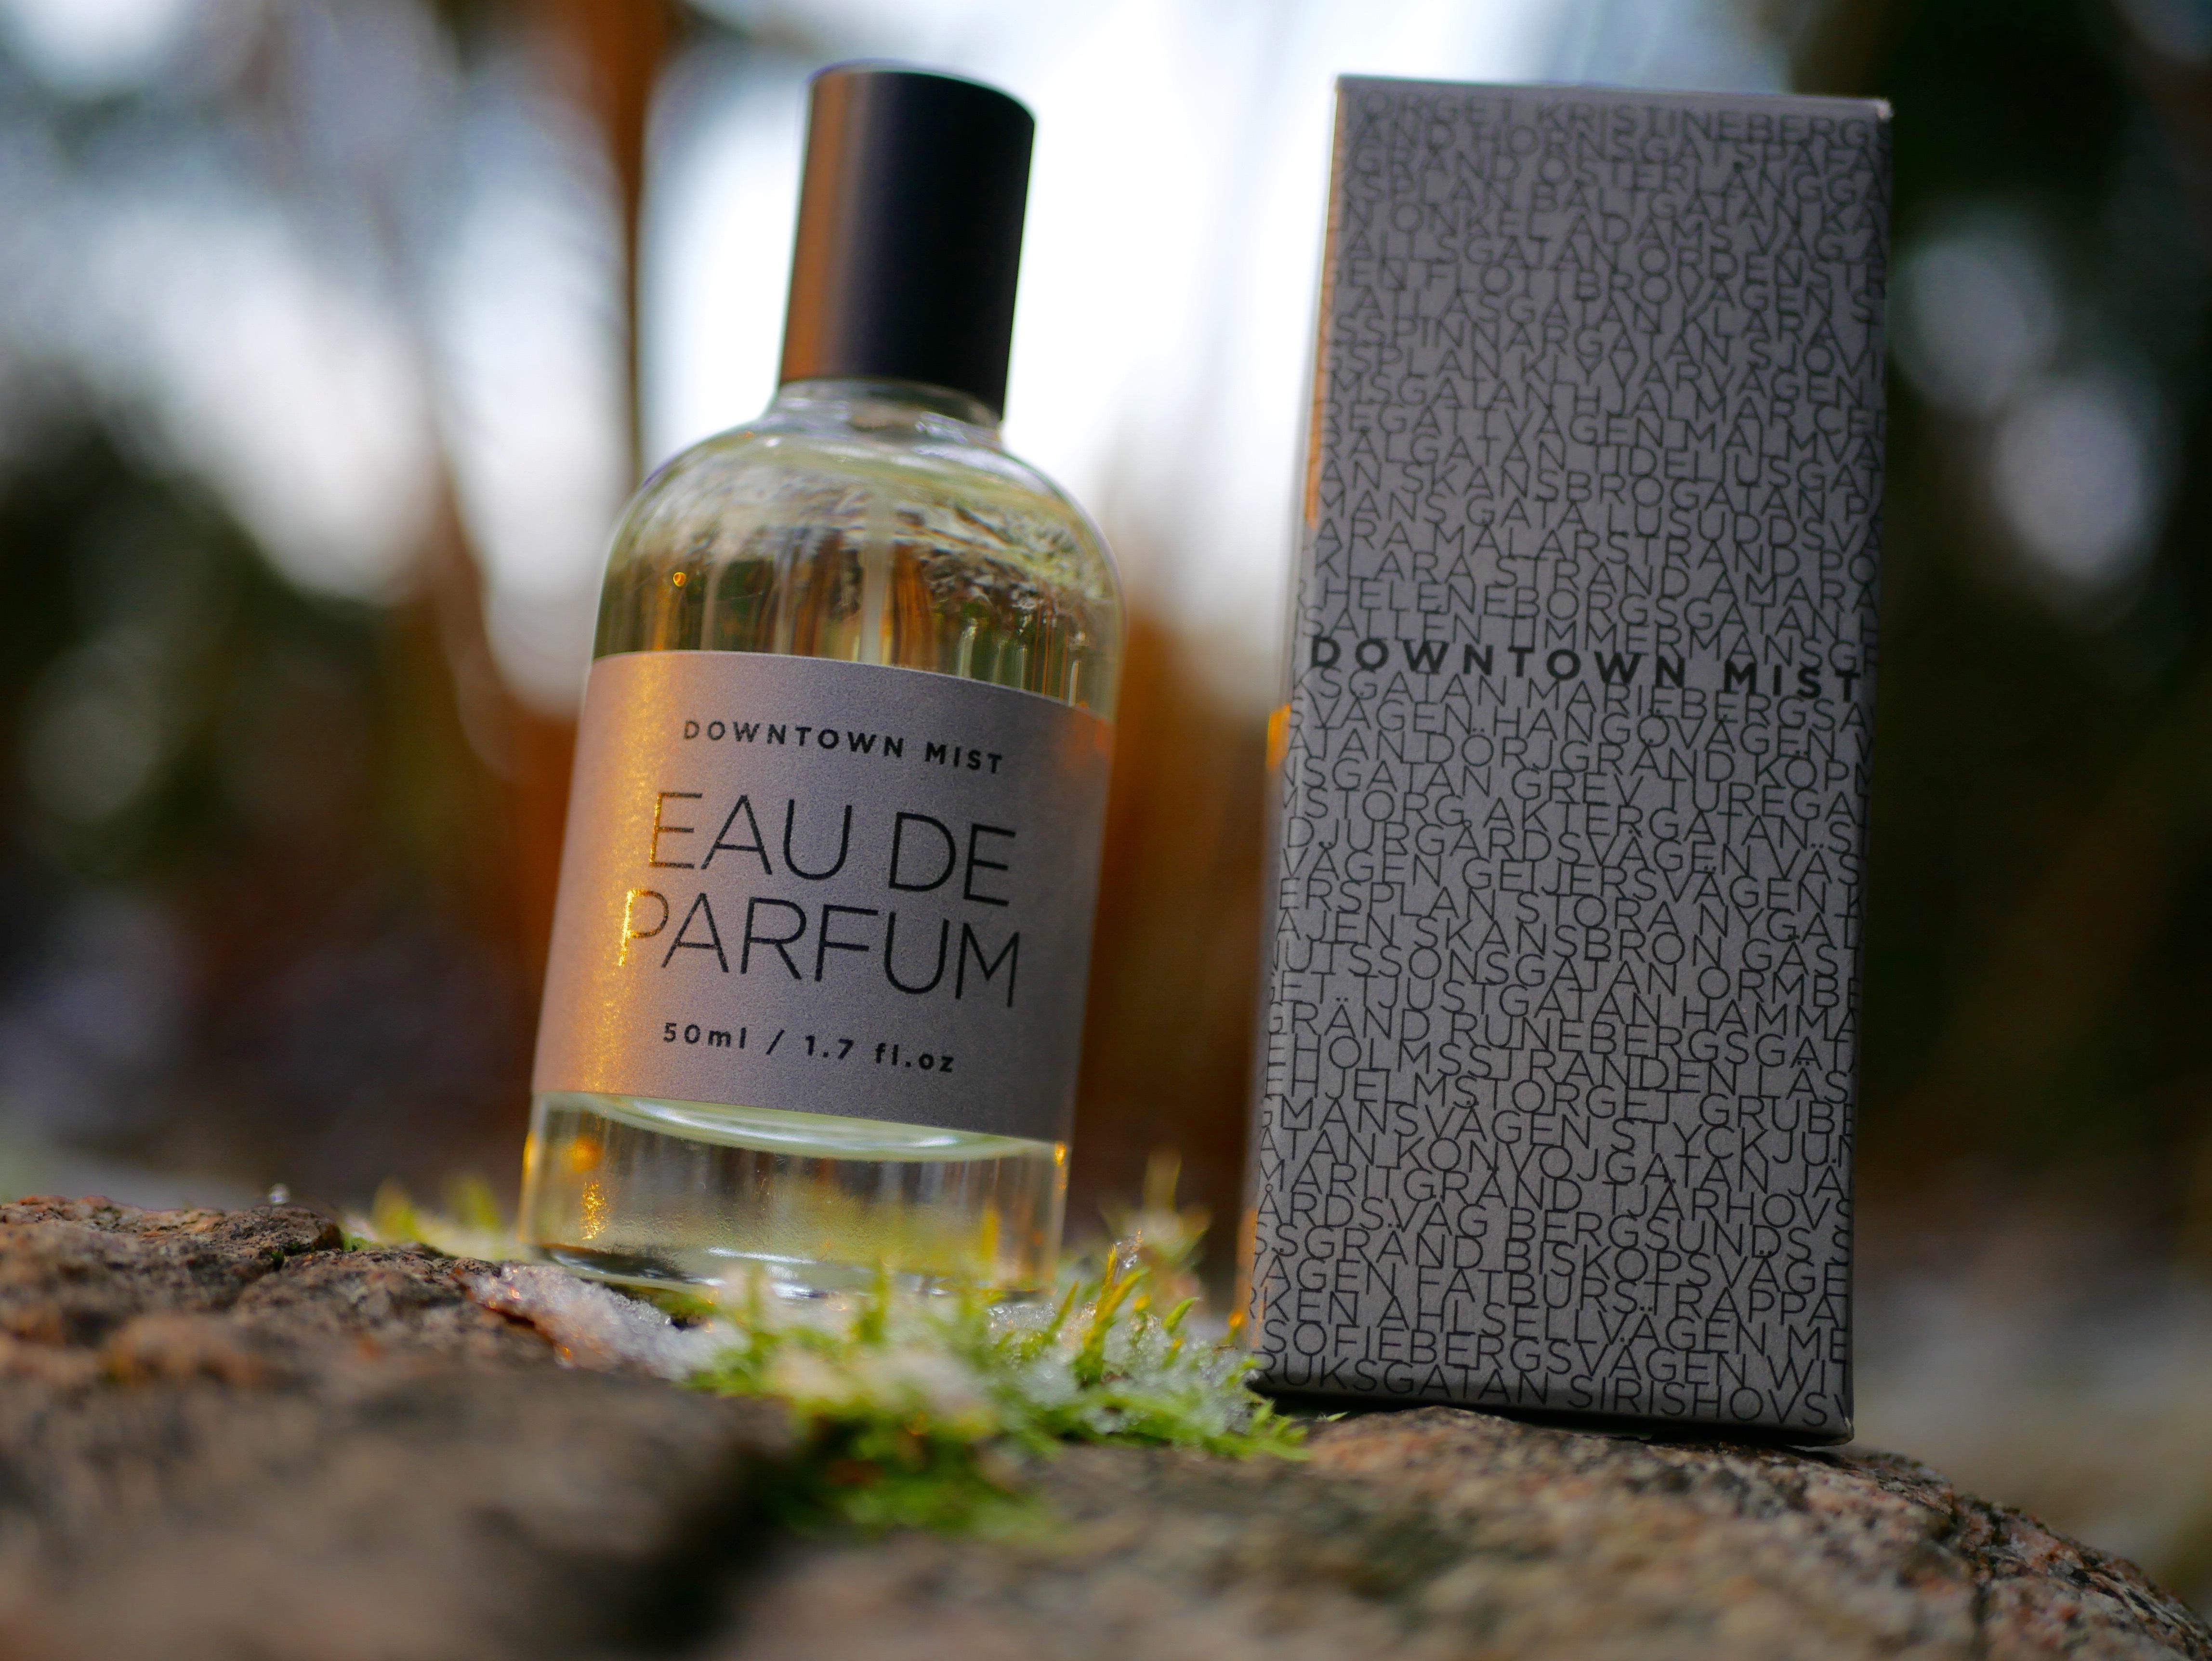 Svenska hotellkjedjan Scandic Hotel släpper sin första parfym - Downtown mist Foto: Skönhetsredaktörerna